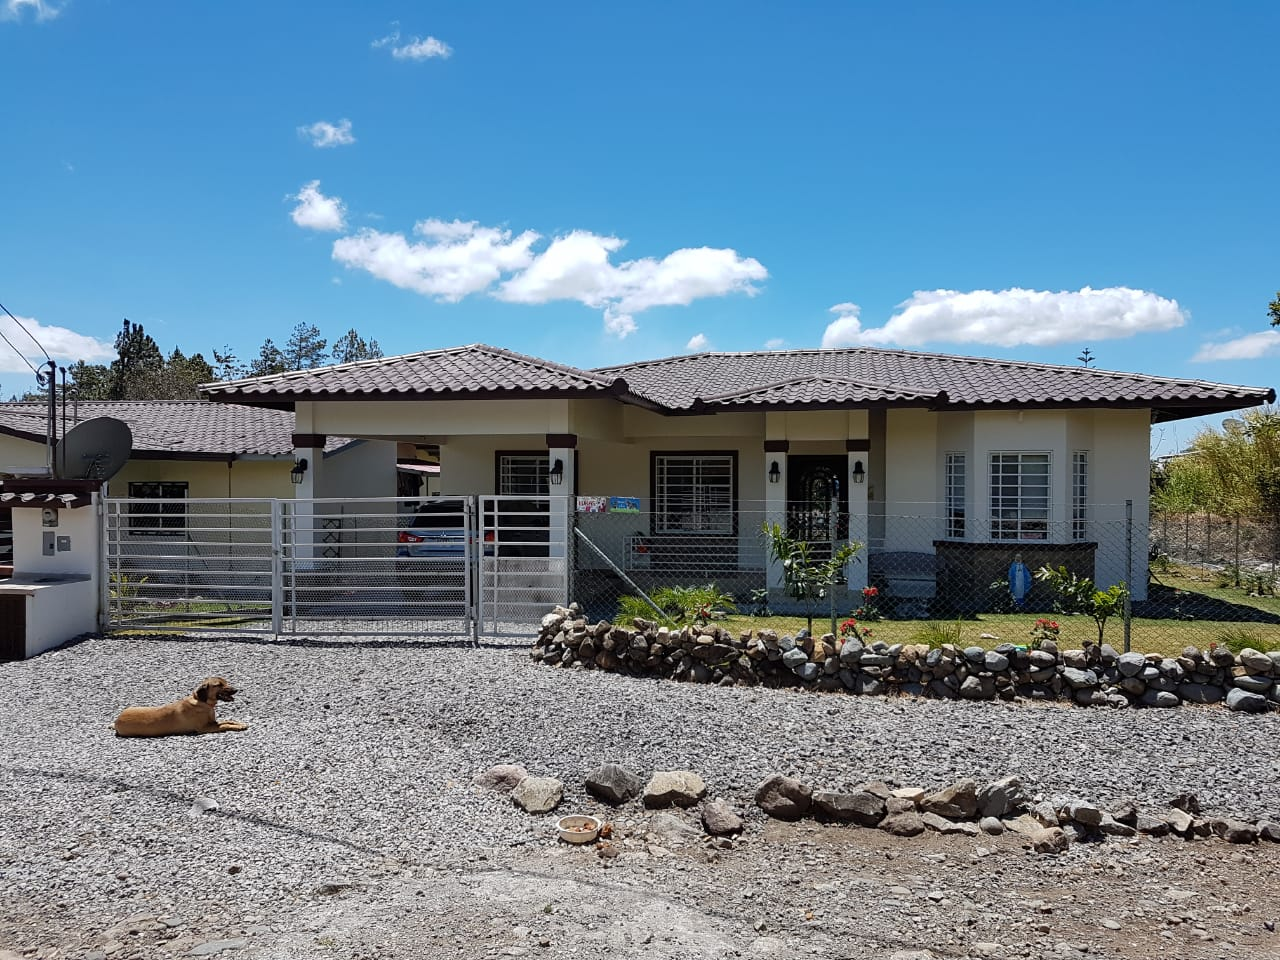 CHIRIQUI, BOQUETE, HOME IN ALTO BOQUETE